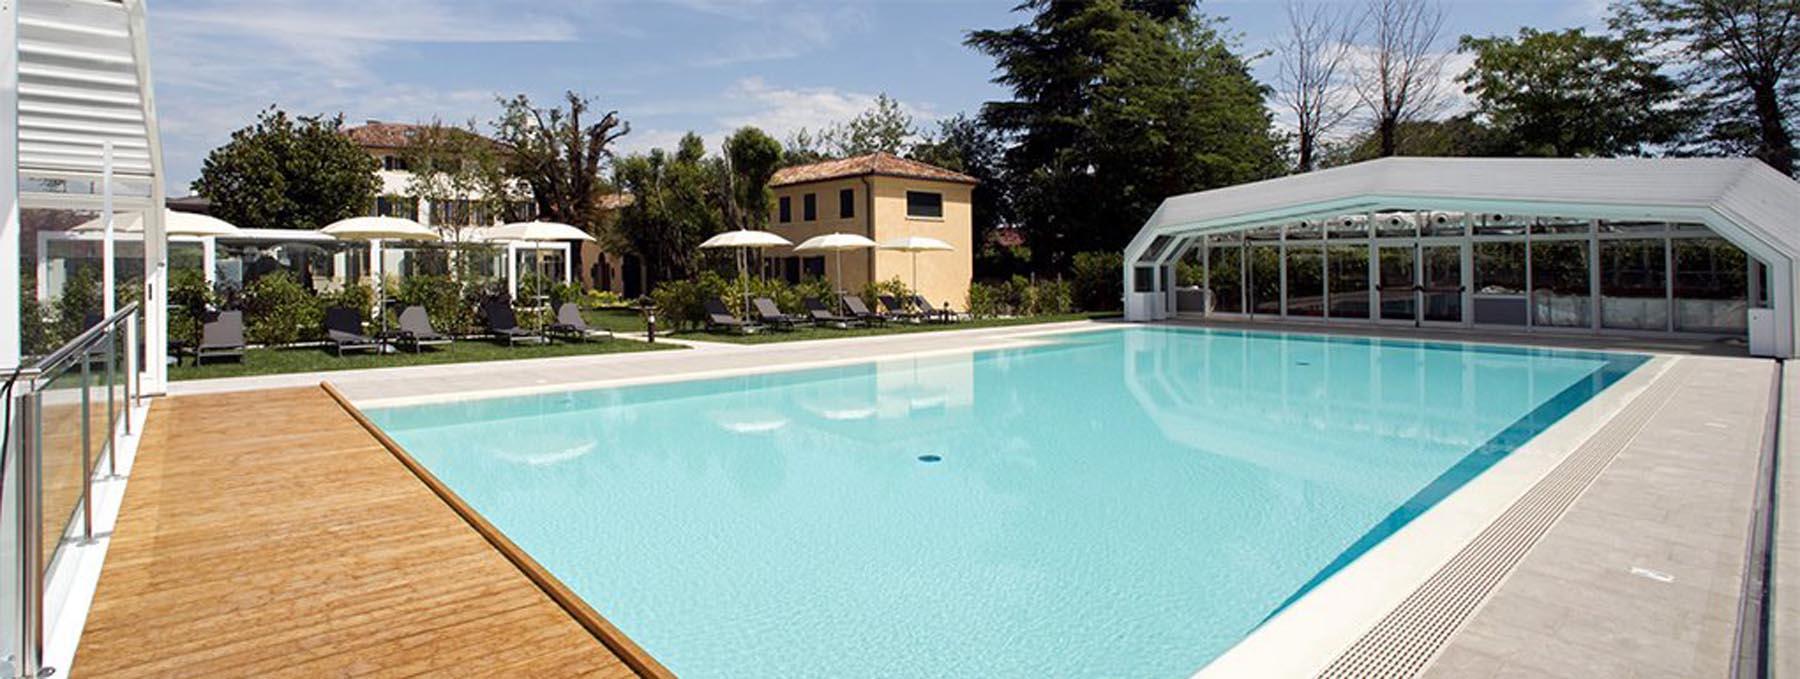 Bordo piscina centro benessere Treviso rivestito con Marmo Grolla